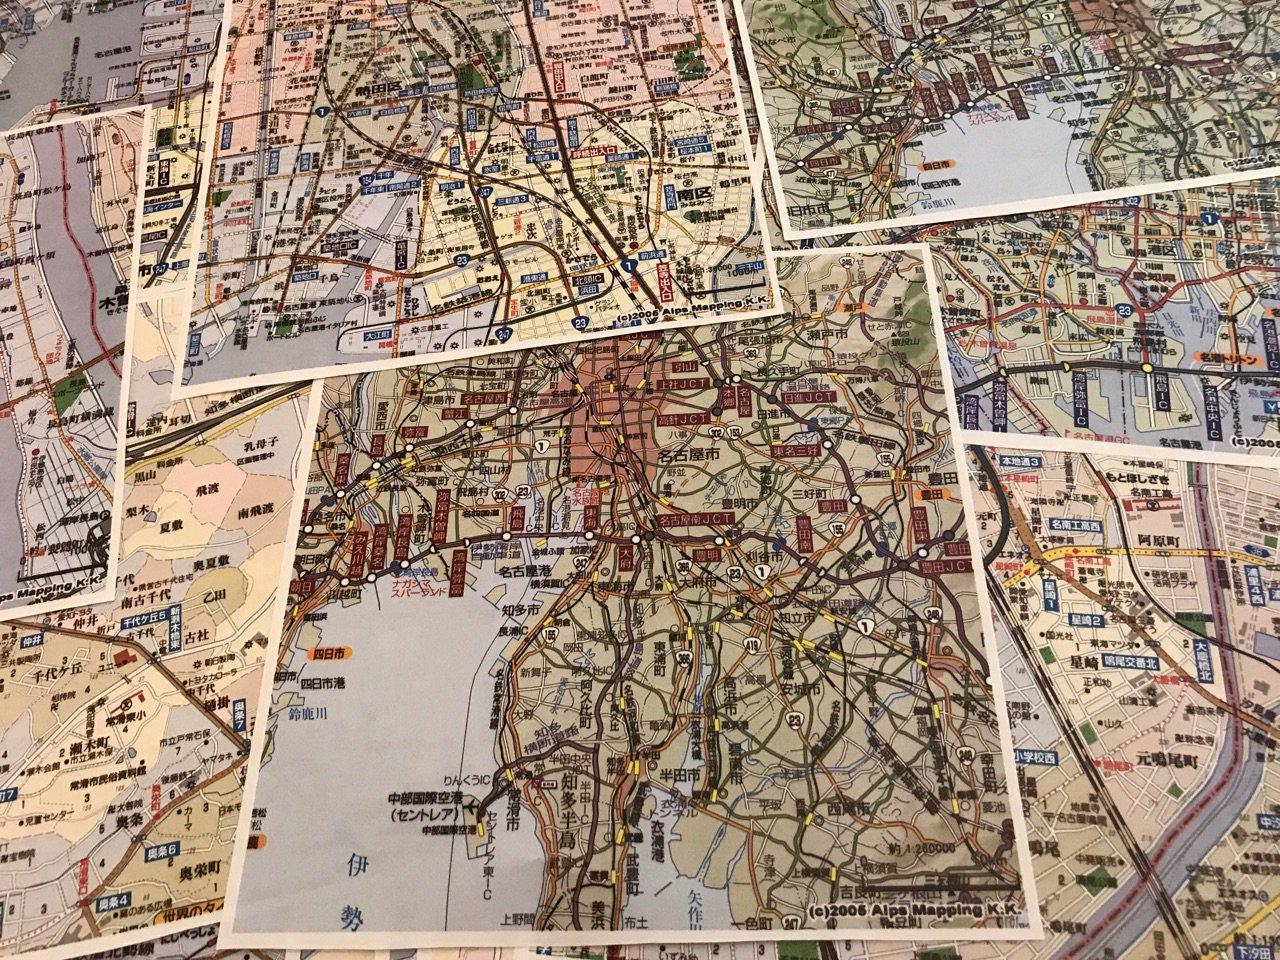 10年ぐらい前にパソコンで印刷した地図がたくさん出てきた。 https://t.co/RnA7bnkgN6